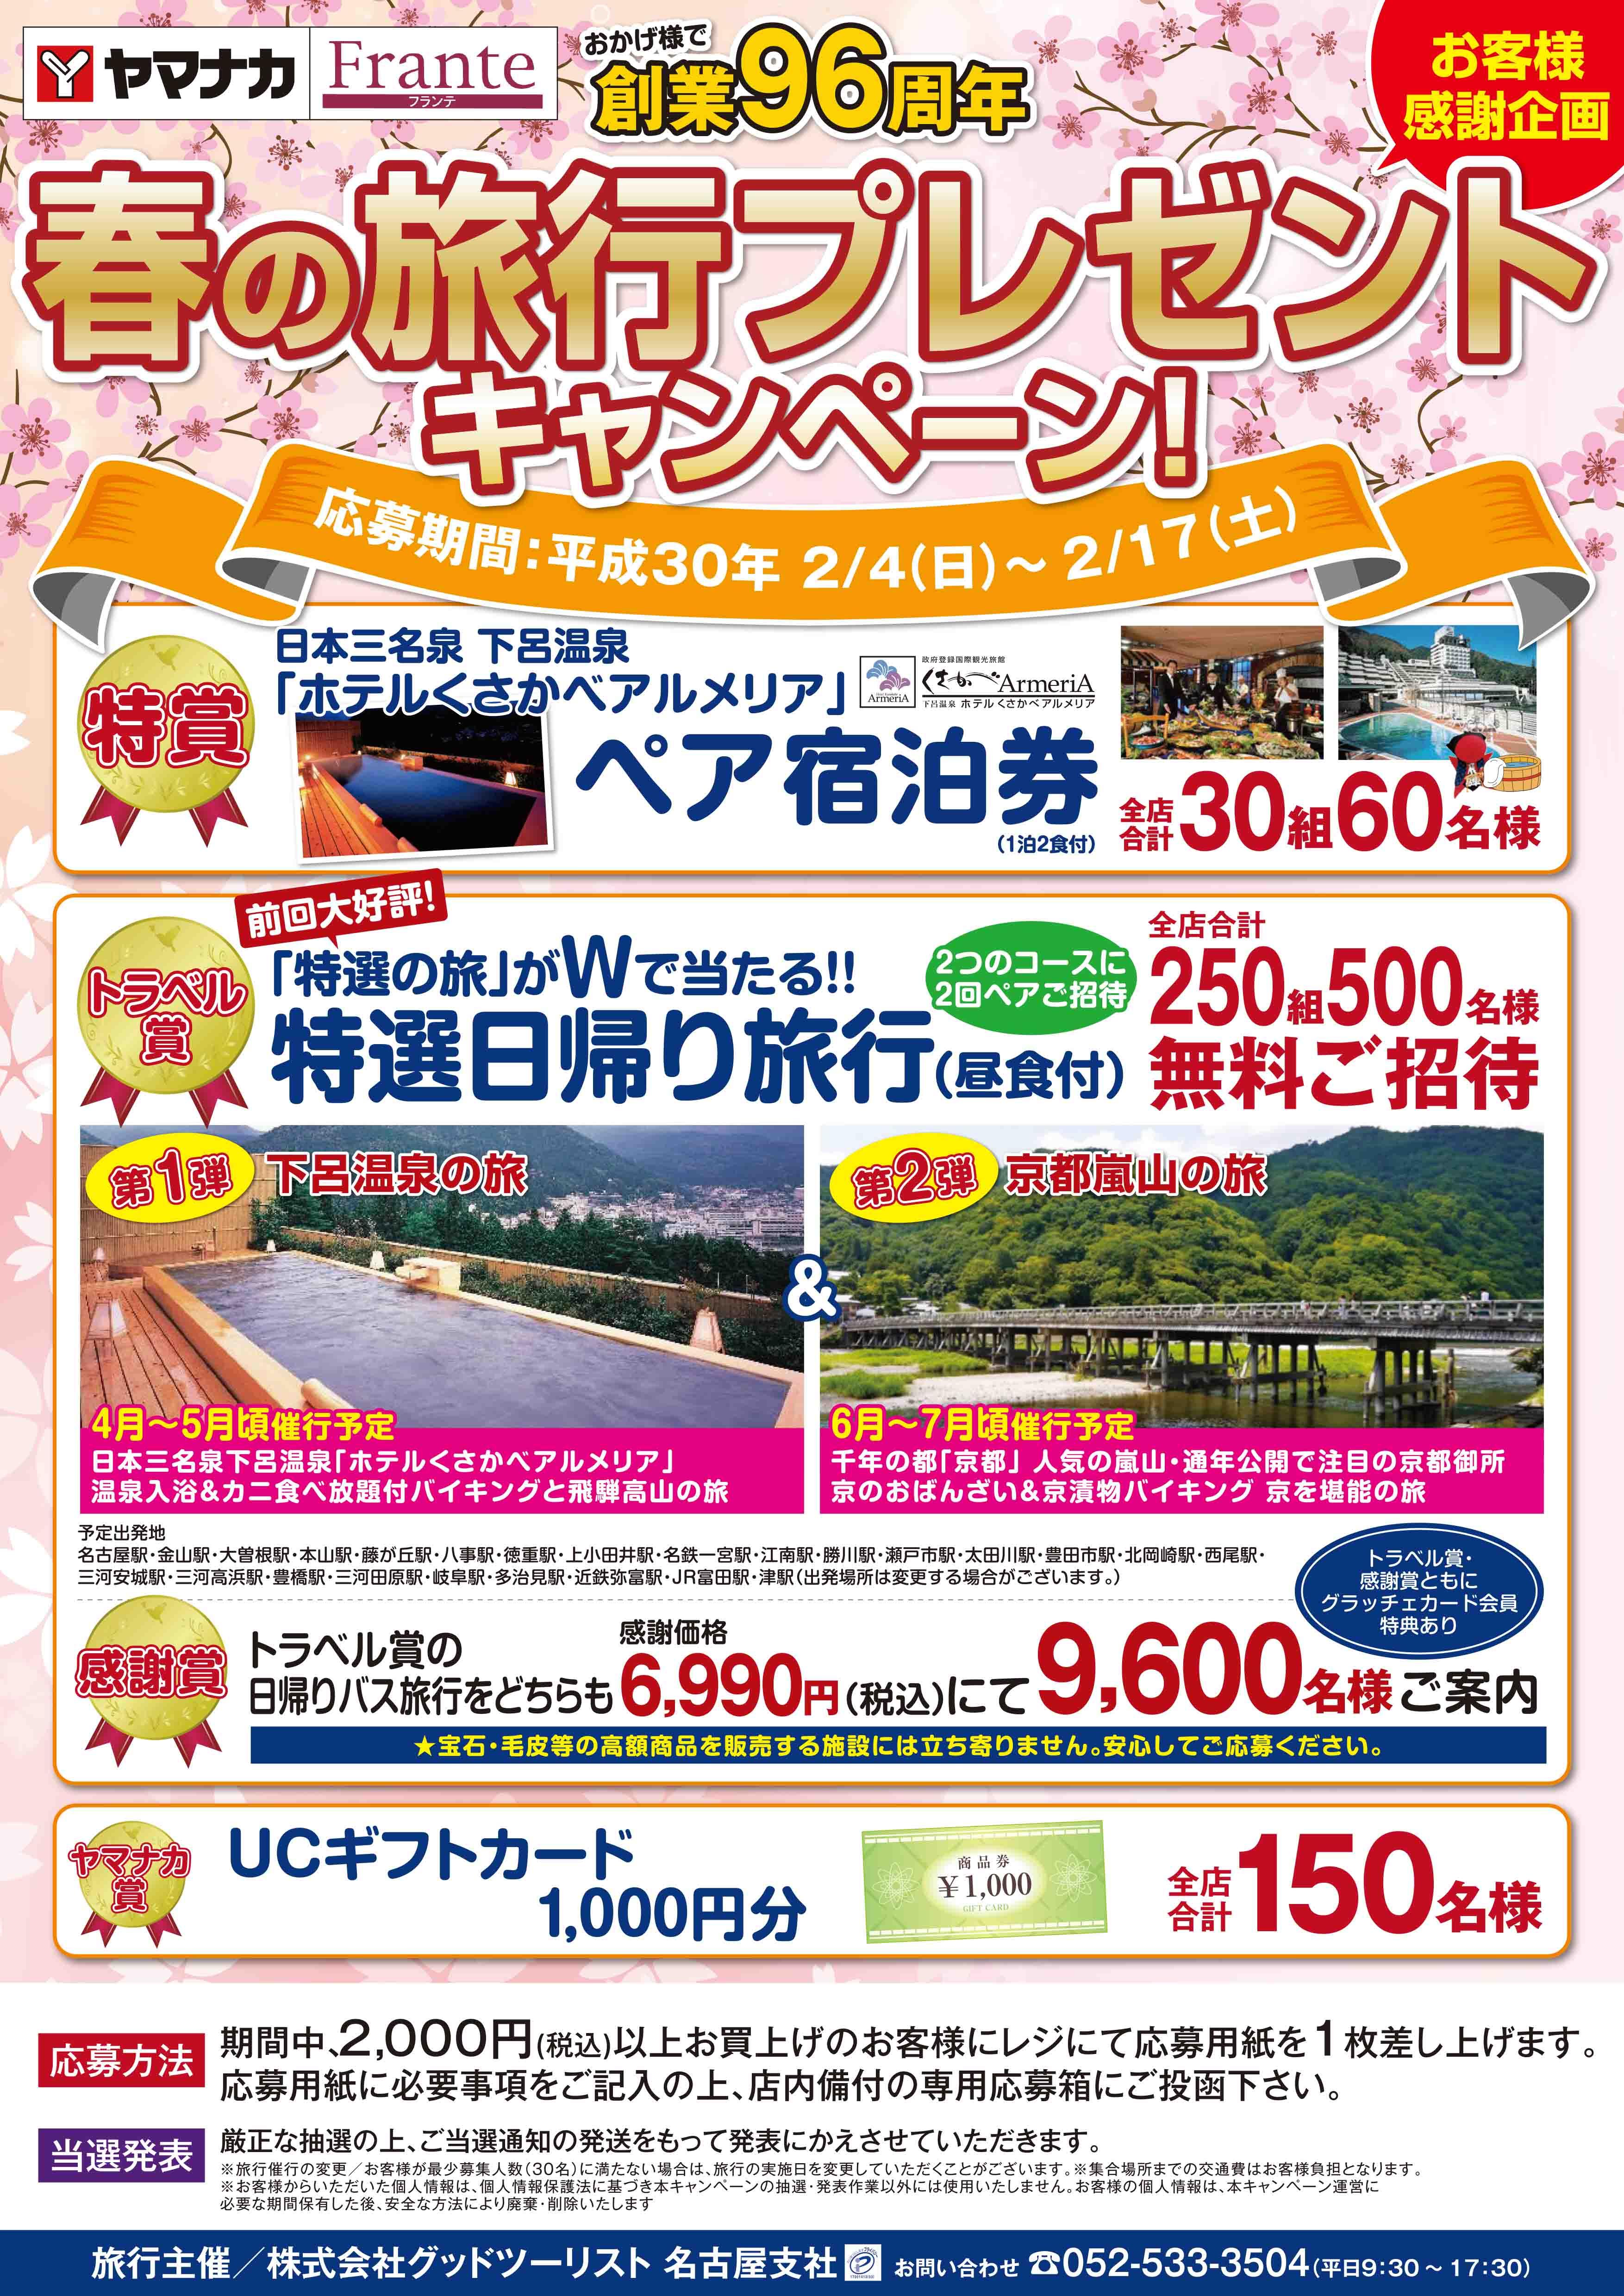 【株式会社ヤマナカ様】創業96周年 春の旅行プレゼントキャンペーン 実施中